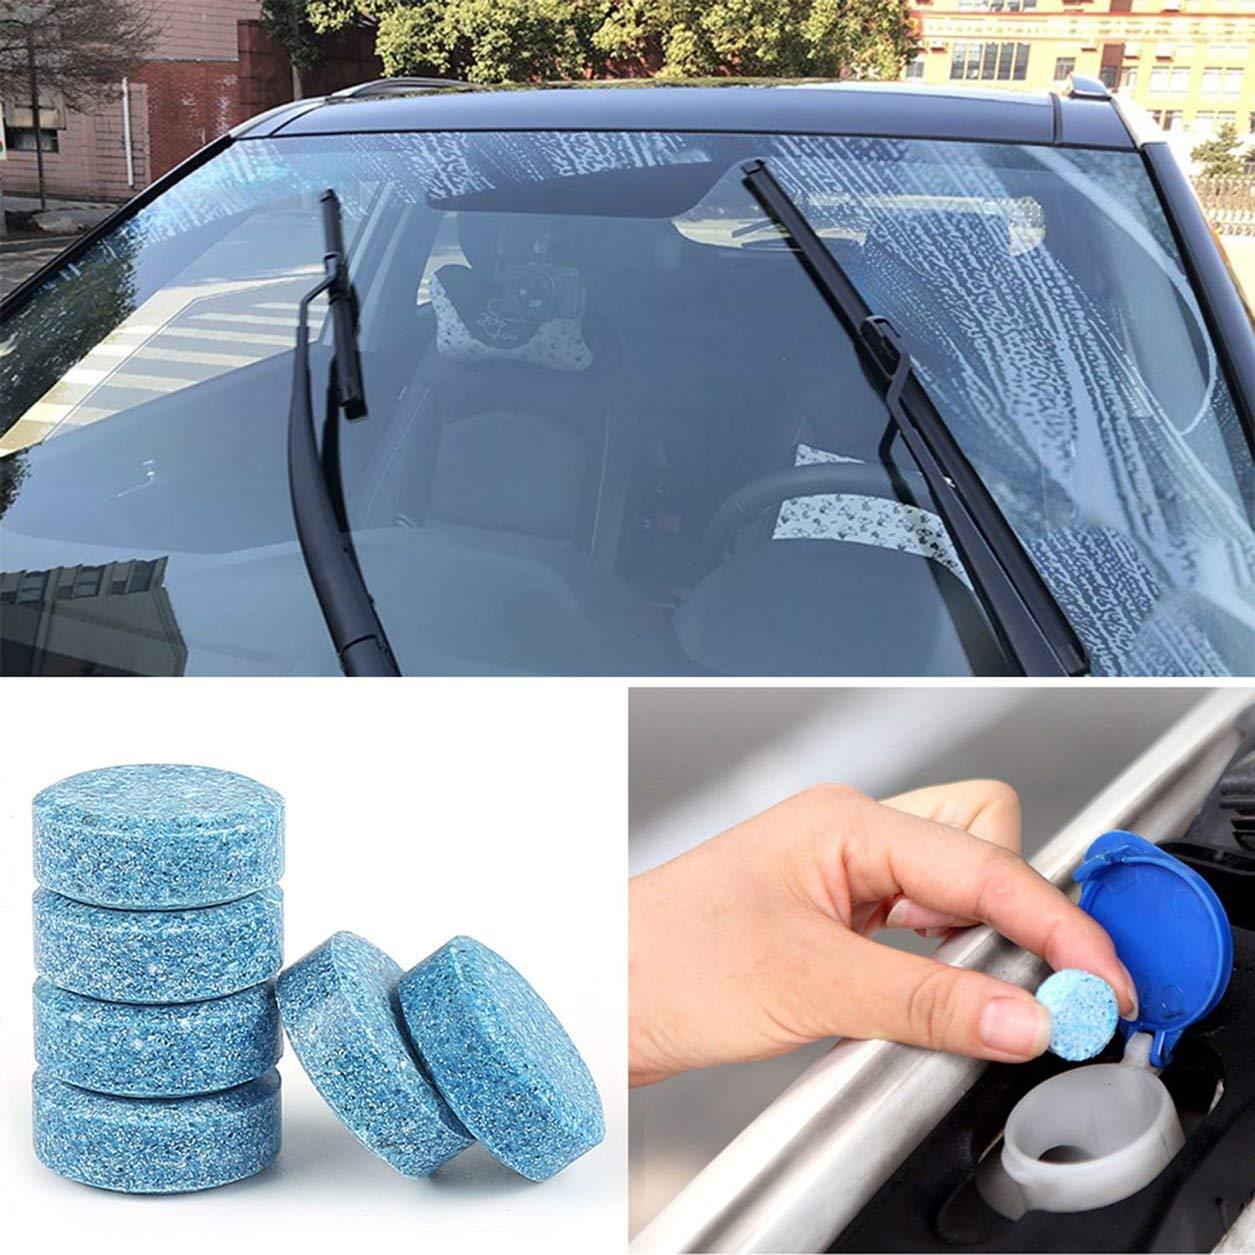 Solid Car limpiaparabrisas Limpiador de vidrio de alto rendimiento automático de ventana de las fuentes de limpieza: Amazon.es: Bebé